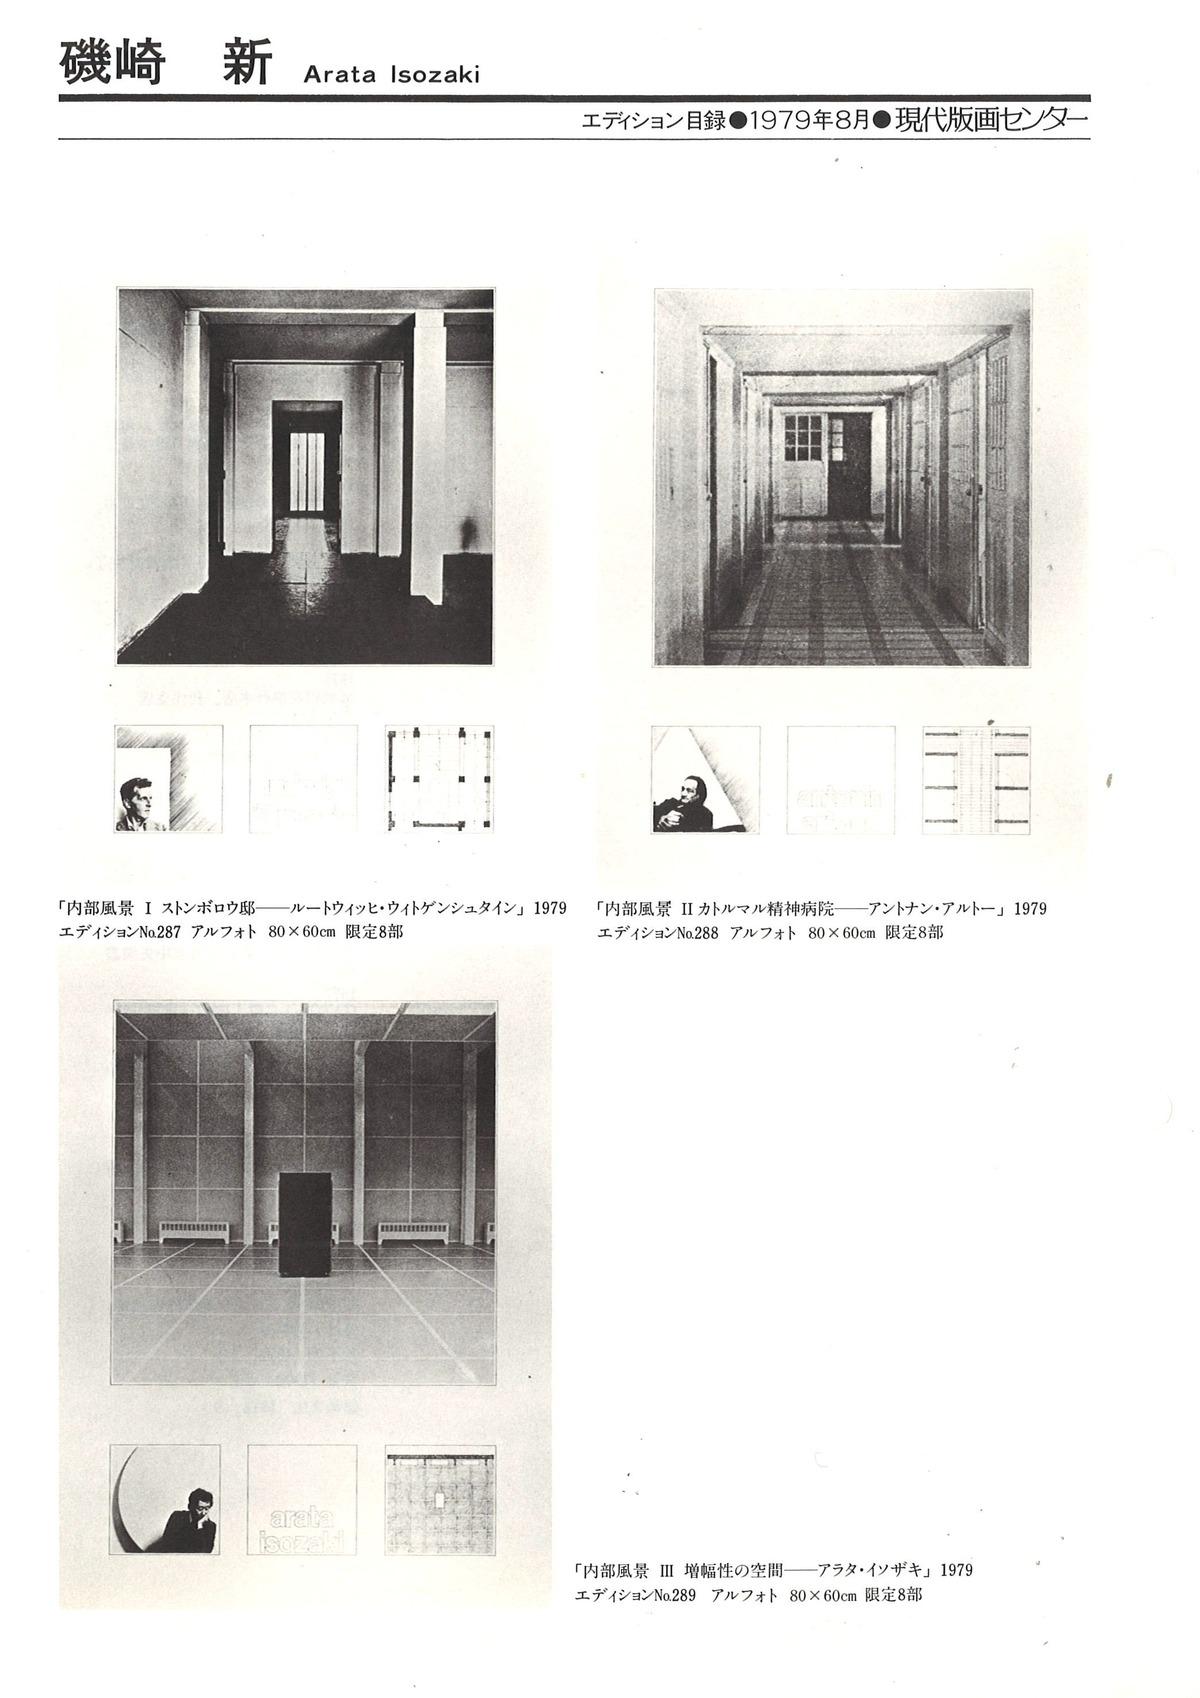 1979年8月1日磯崎内部風景エディション目録